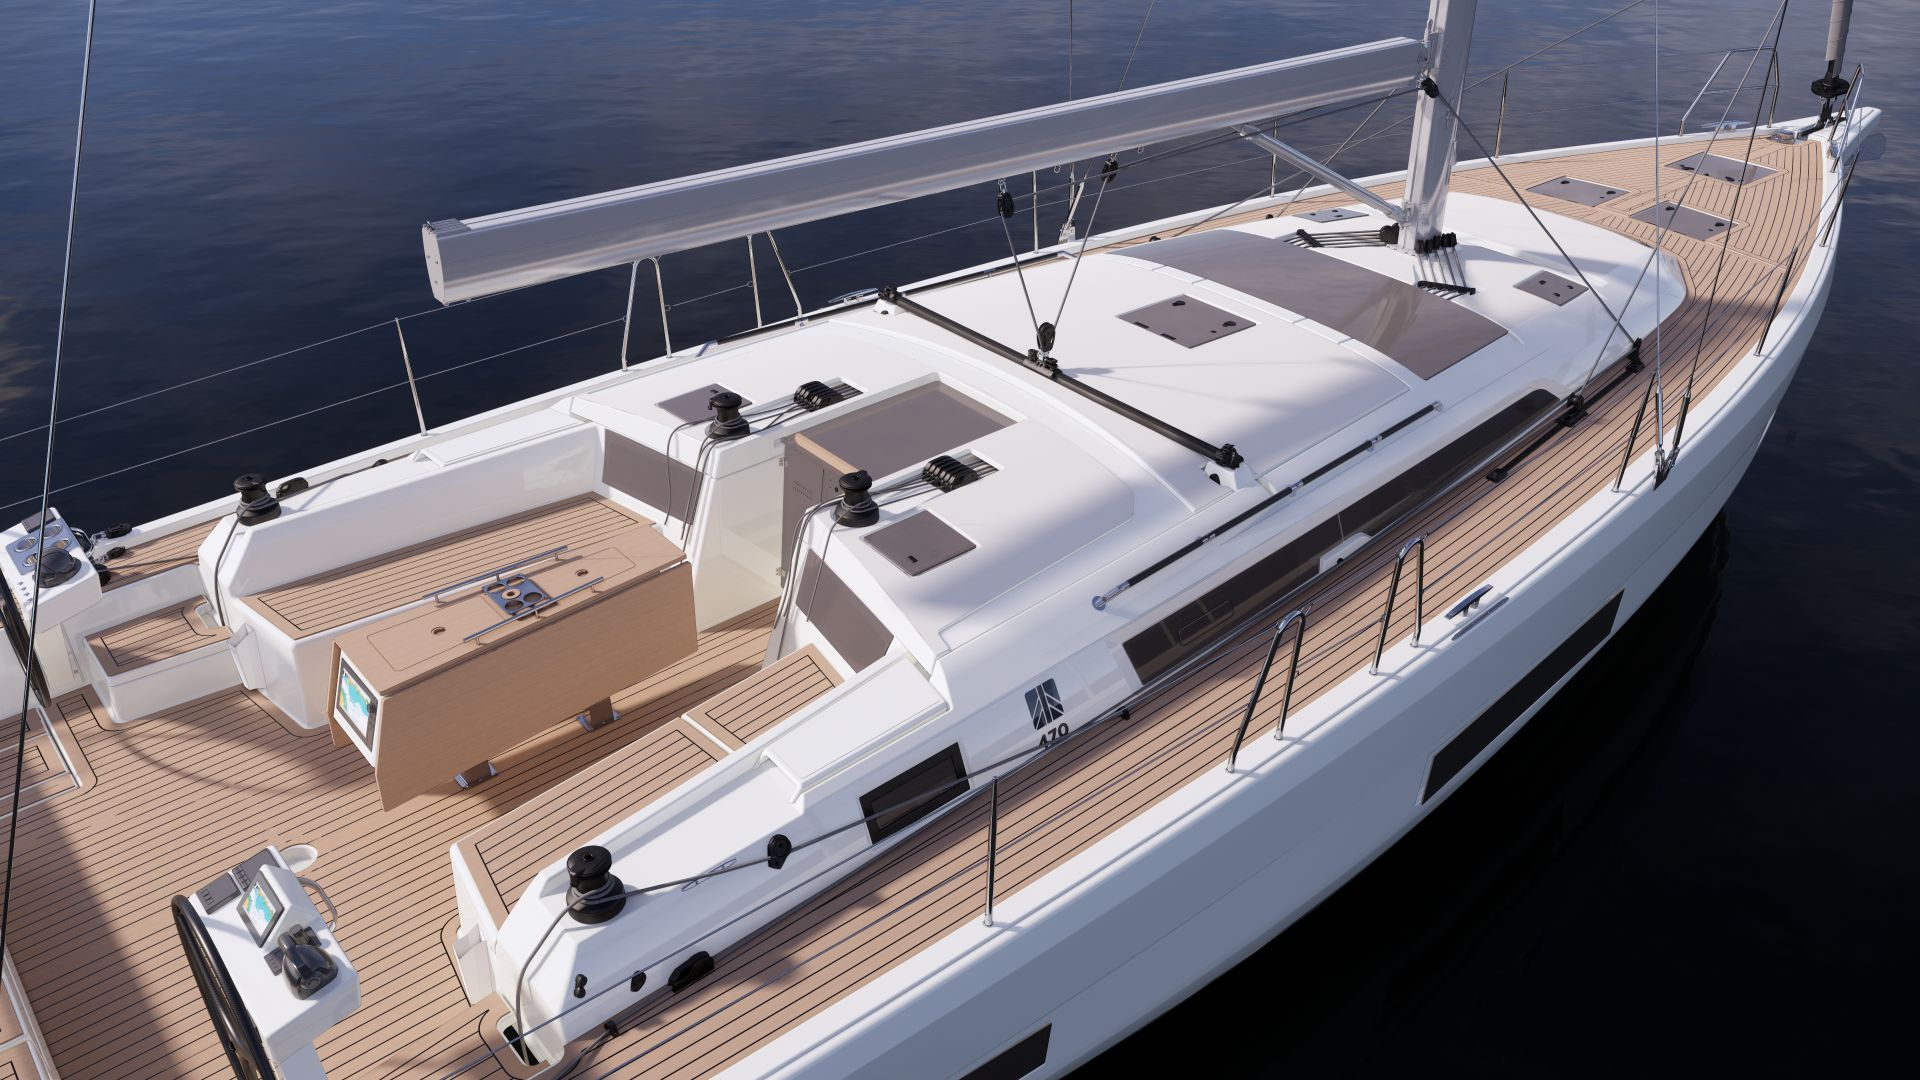 近15米长,可配置5个房间,法国丹枫Dufour 470帆船